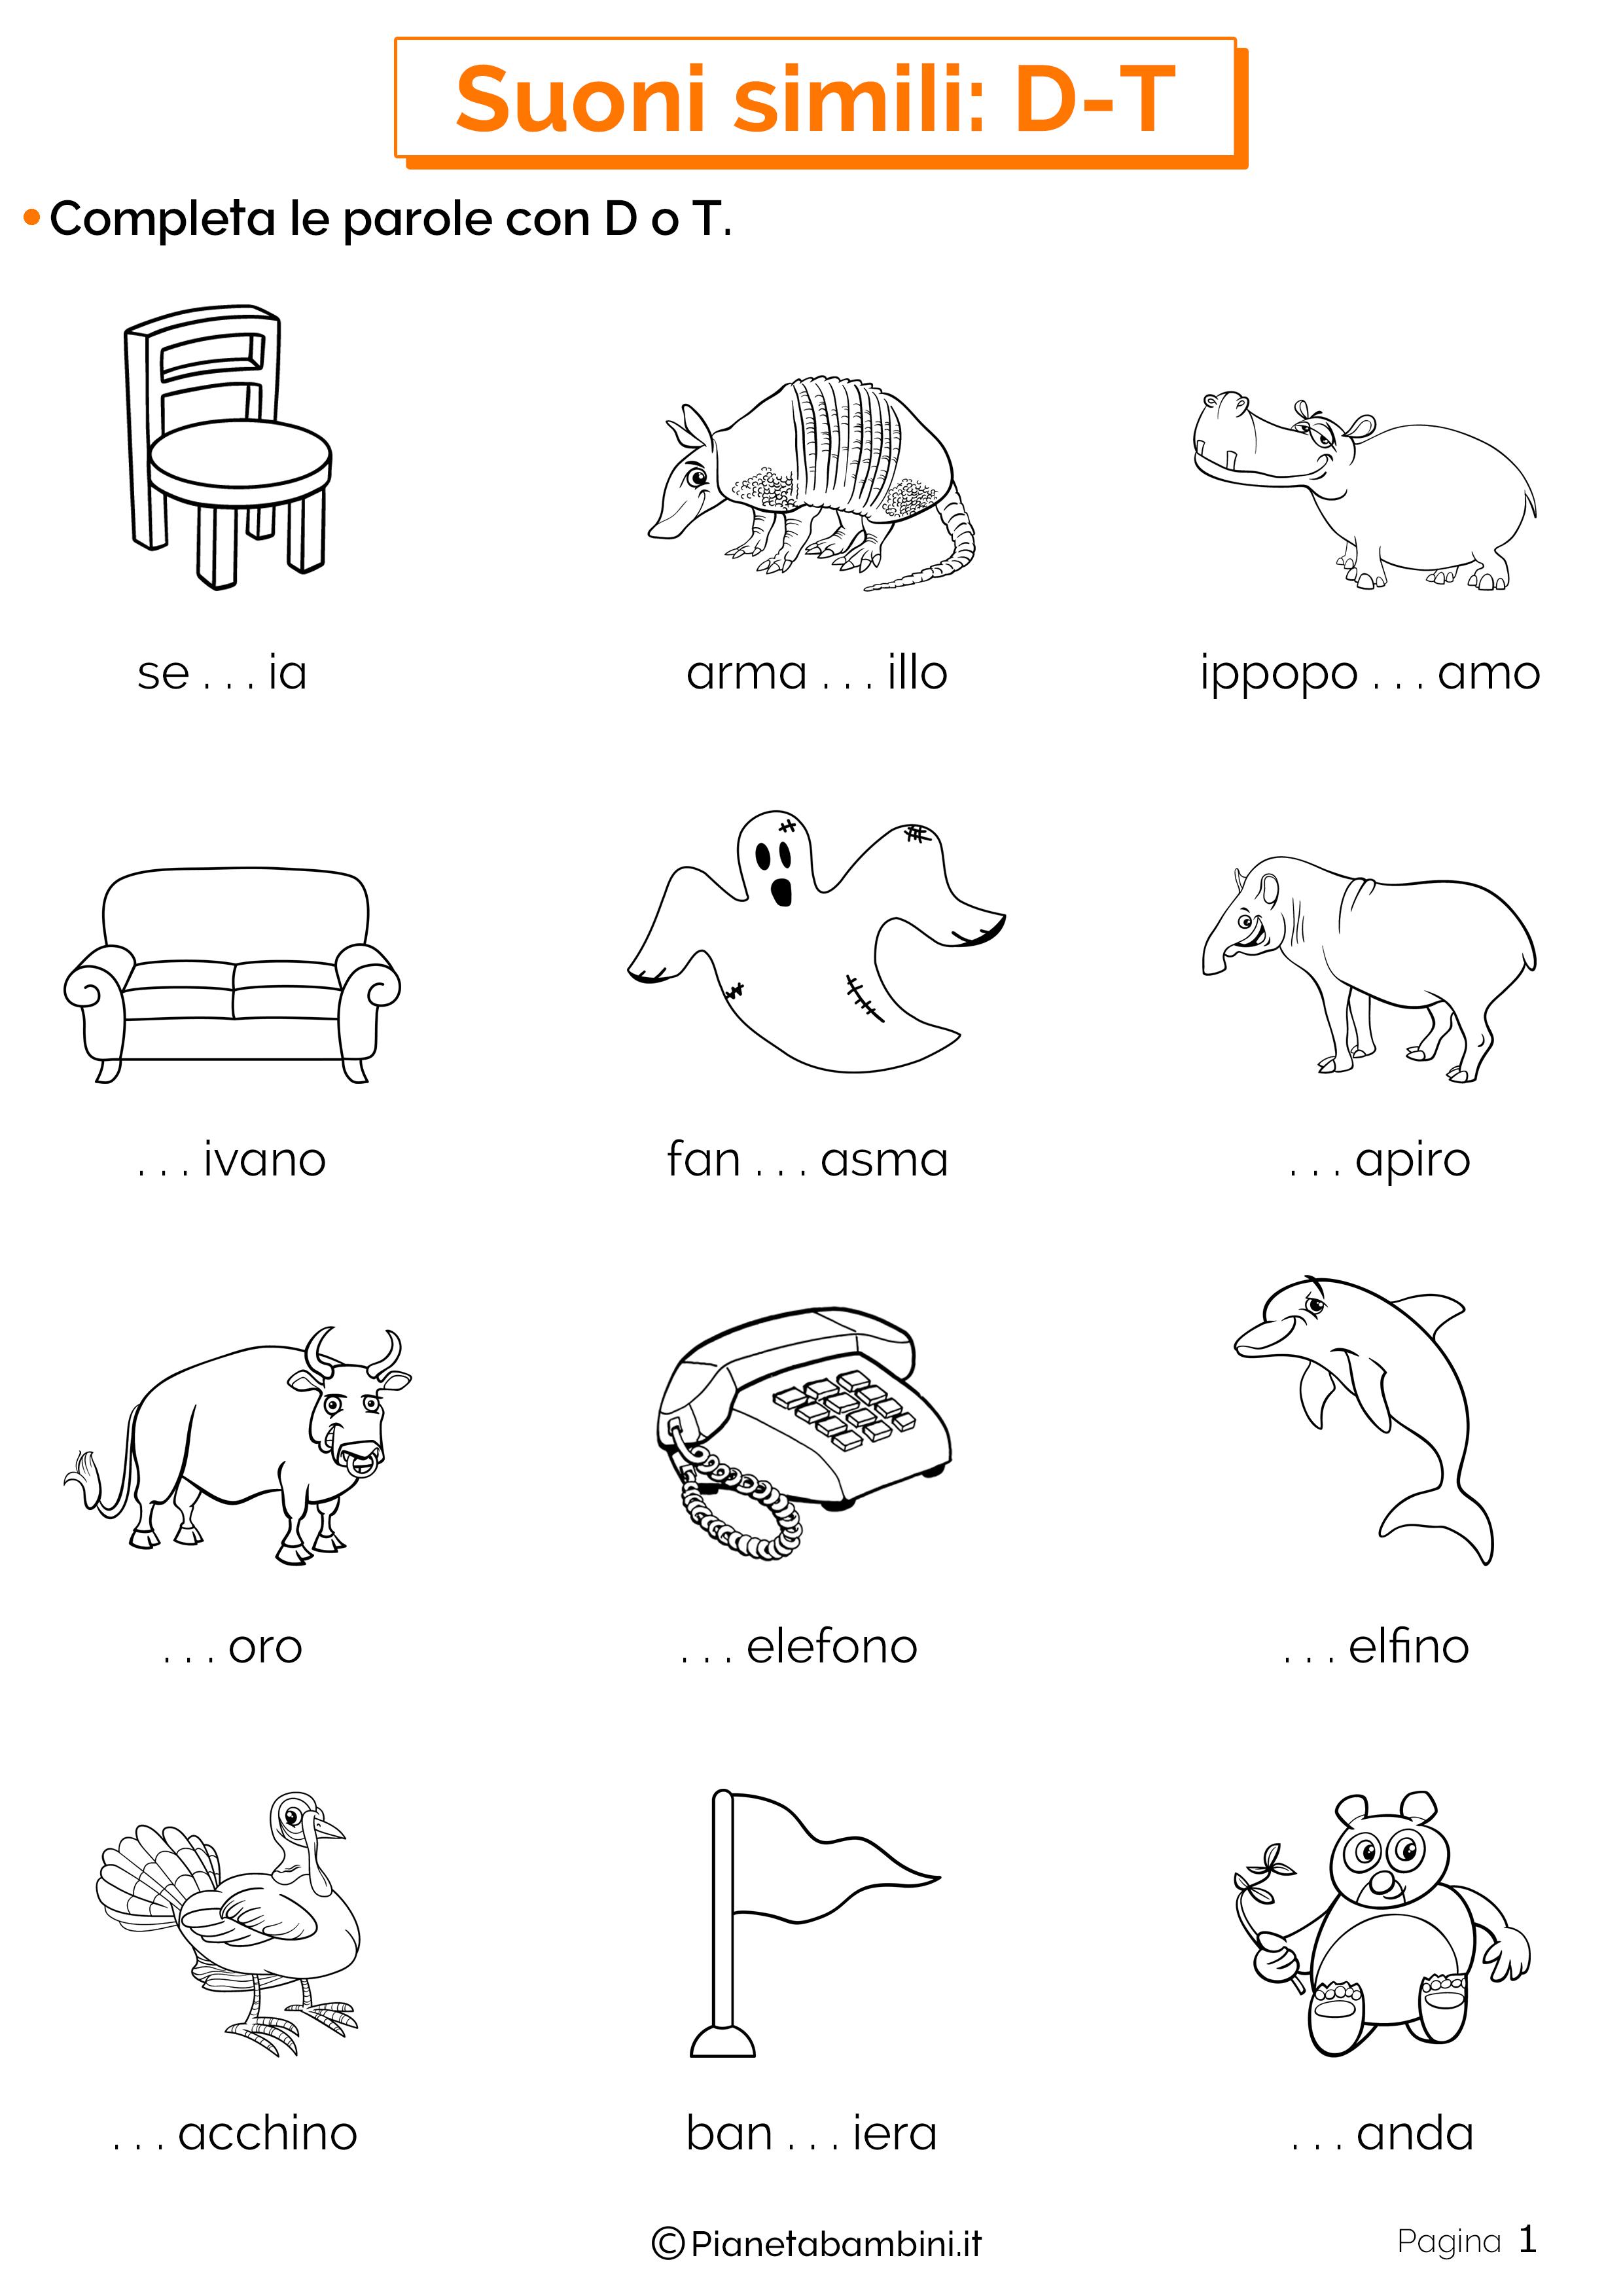 Schede didattiche sui suoni simili D o T pagina 1